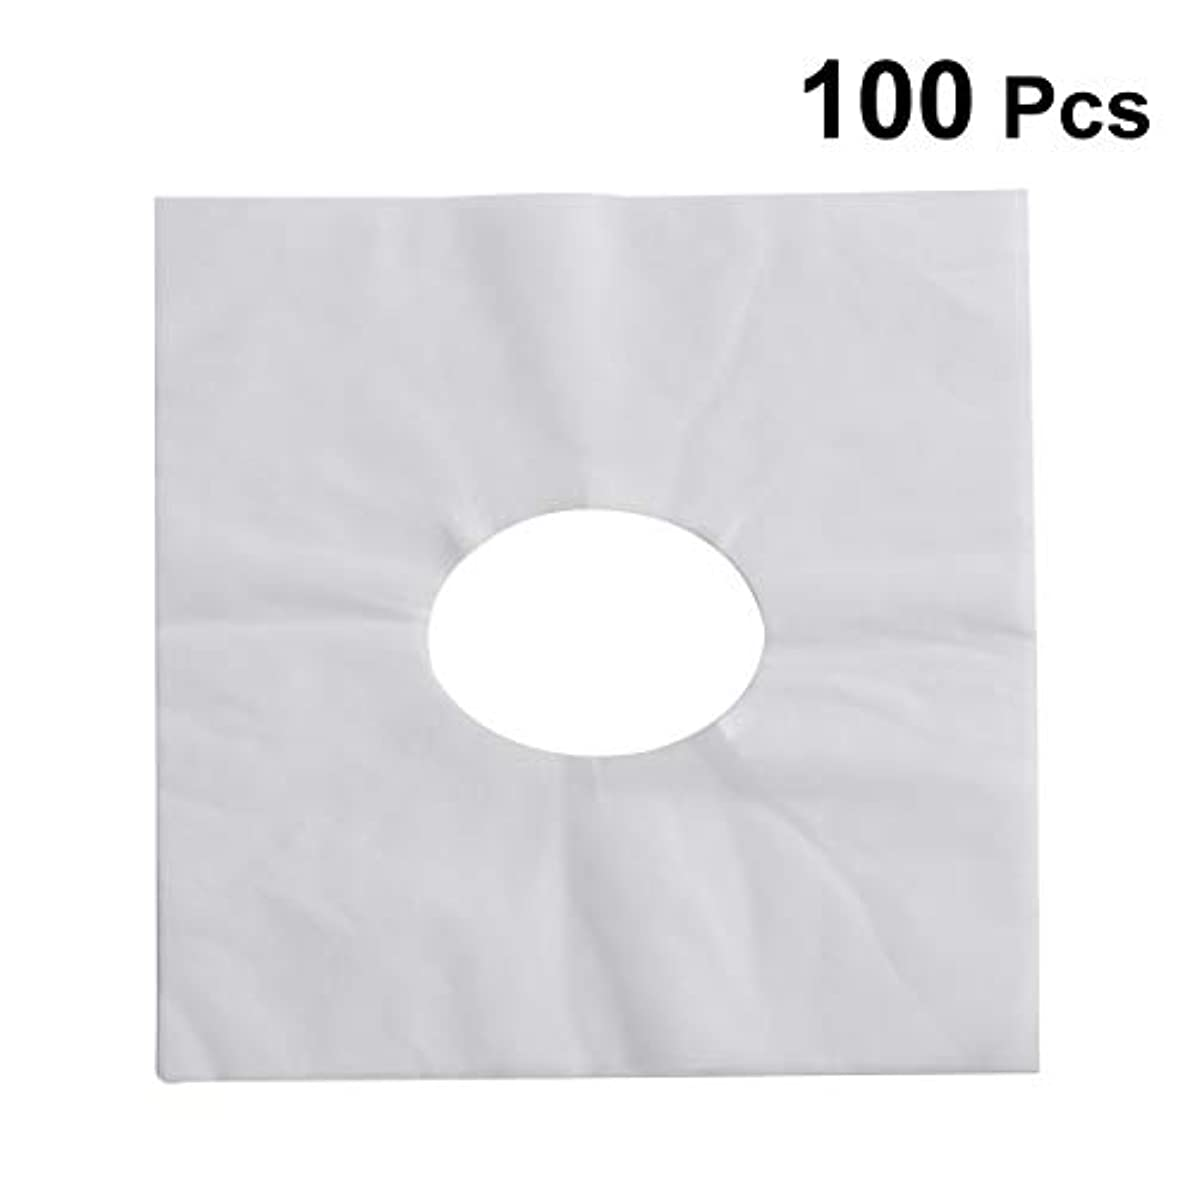 浸したドナー滝HEALIFTY 使い捨てフェイスカバーパッドフェイスホールピロークッションマットSPA 100個入(ホワイト)